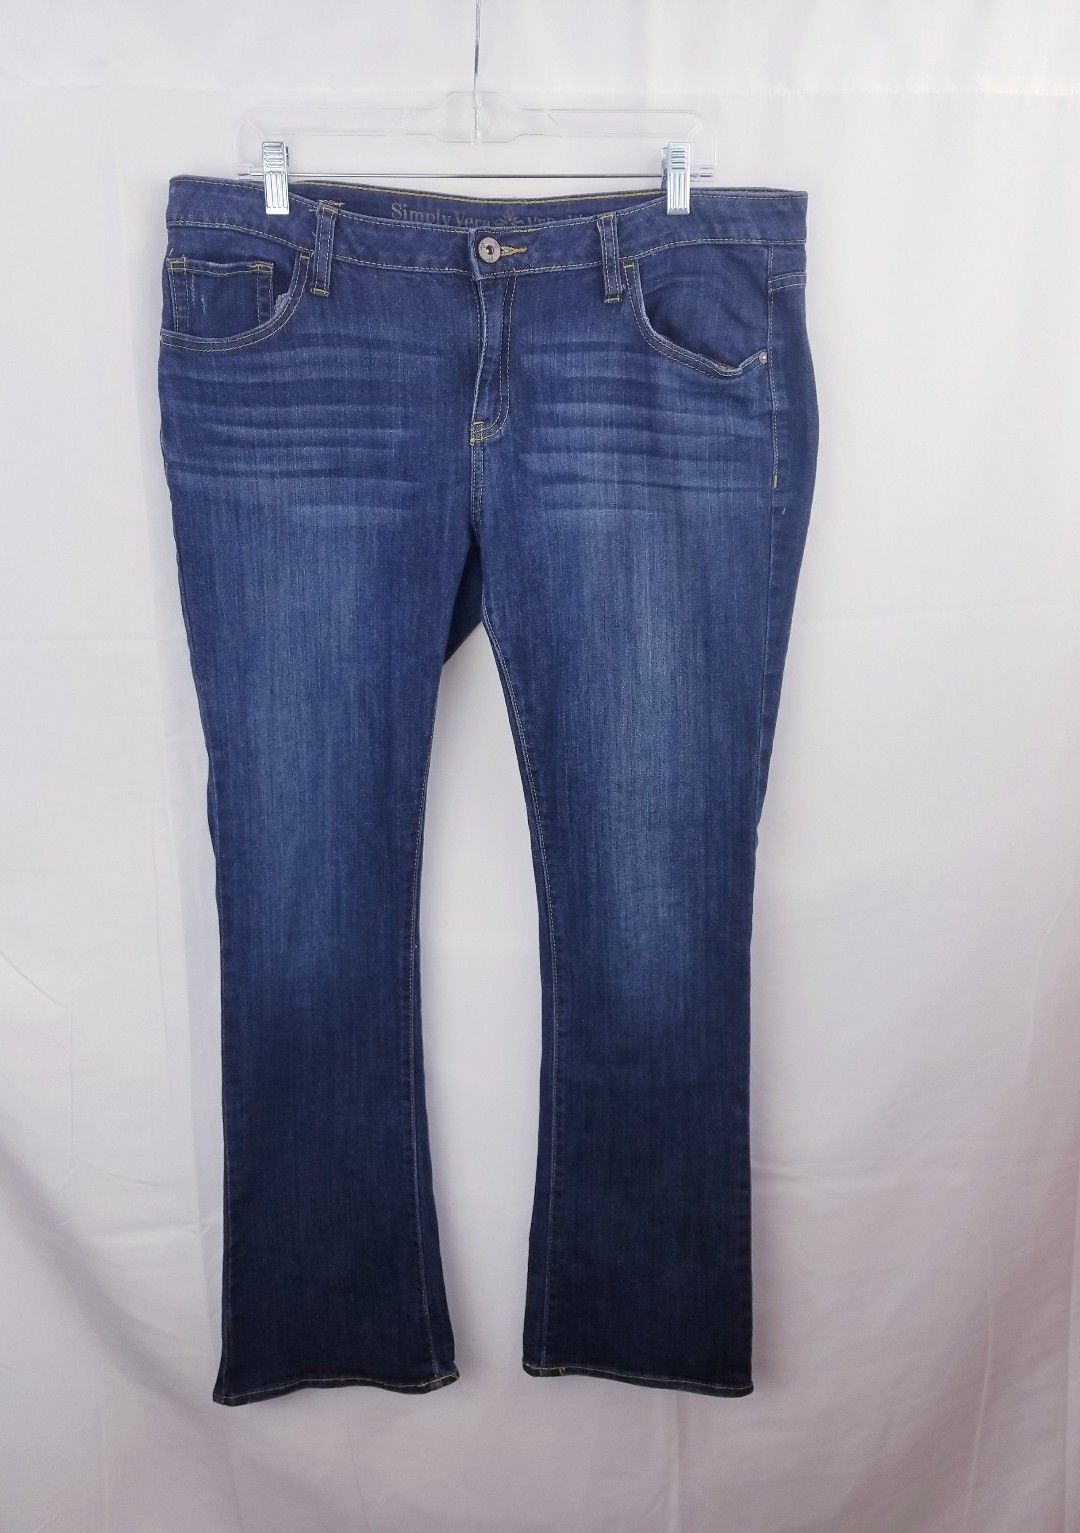 130661c9d Simply vera wang womens jeans boot cut dark and 50 similar items